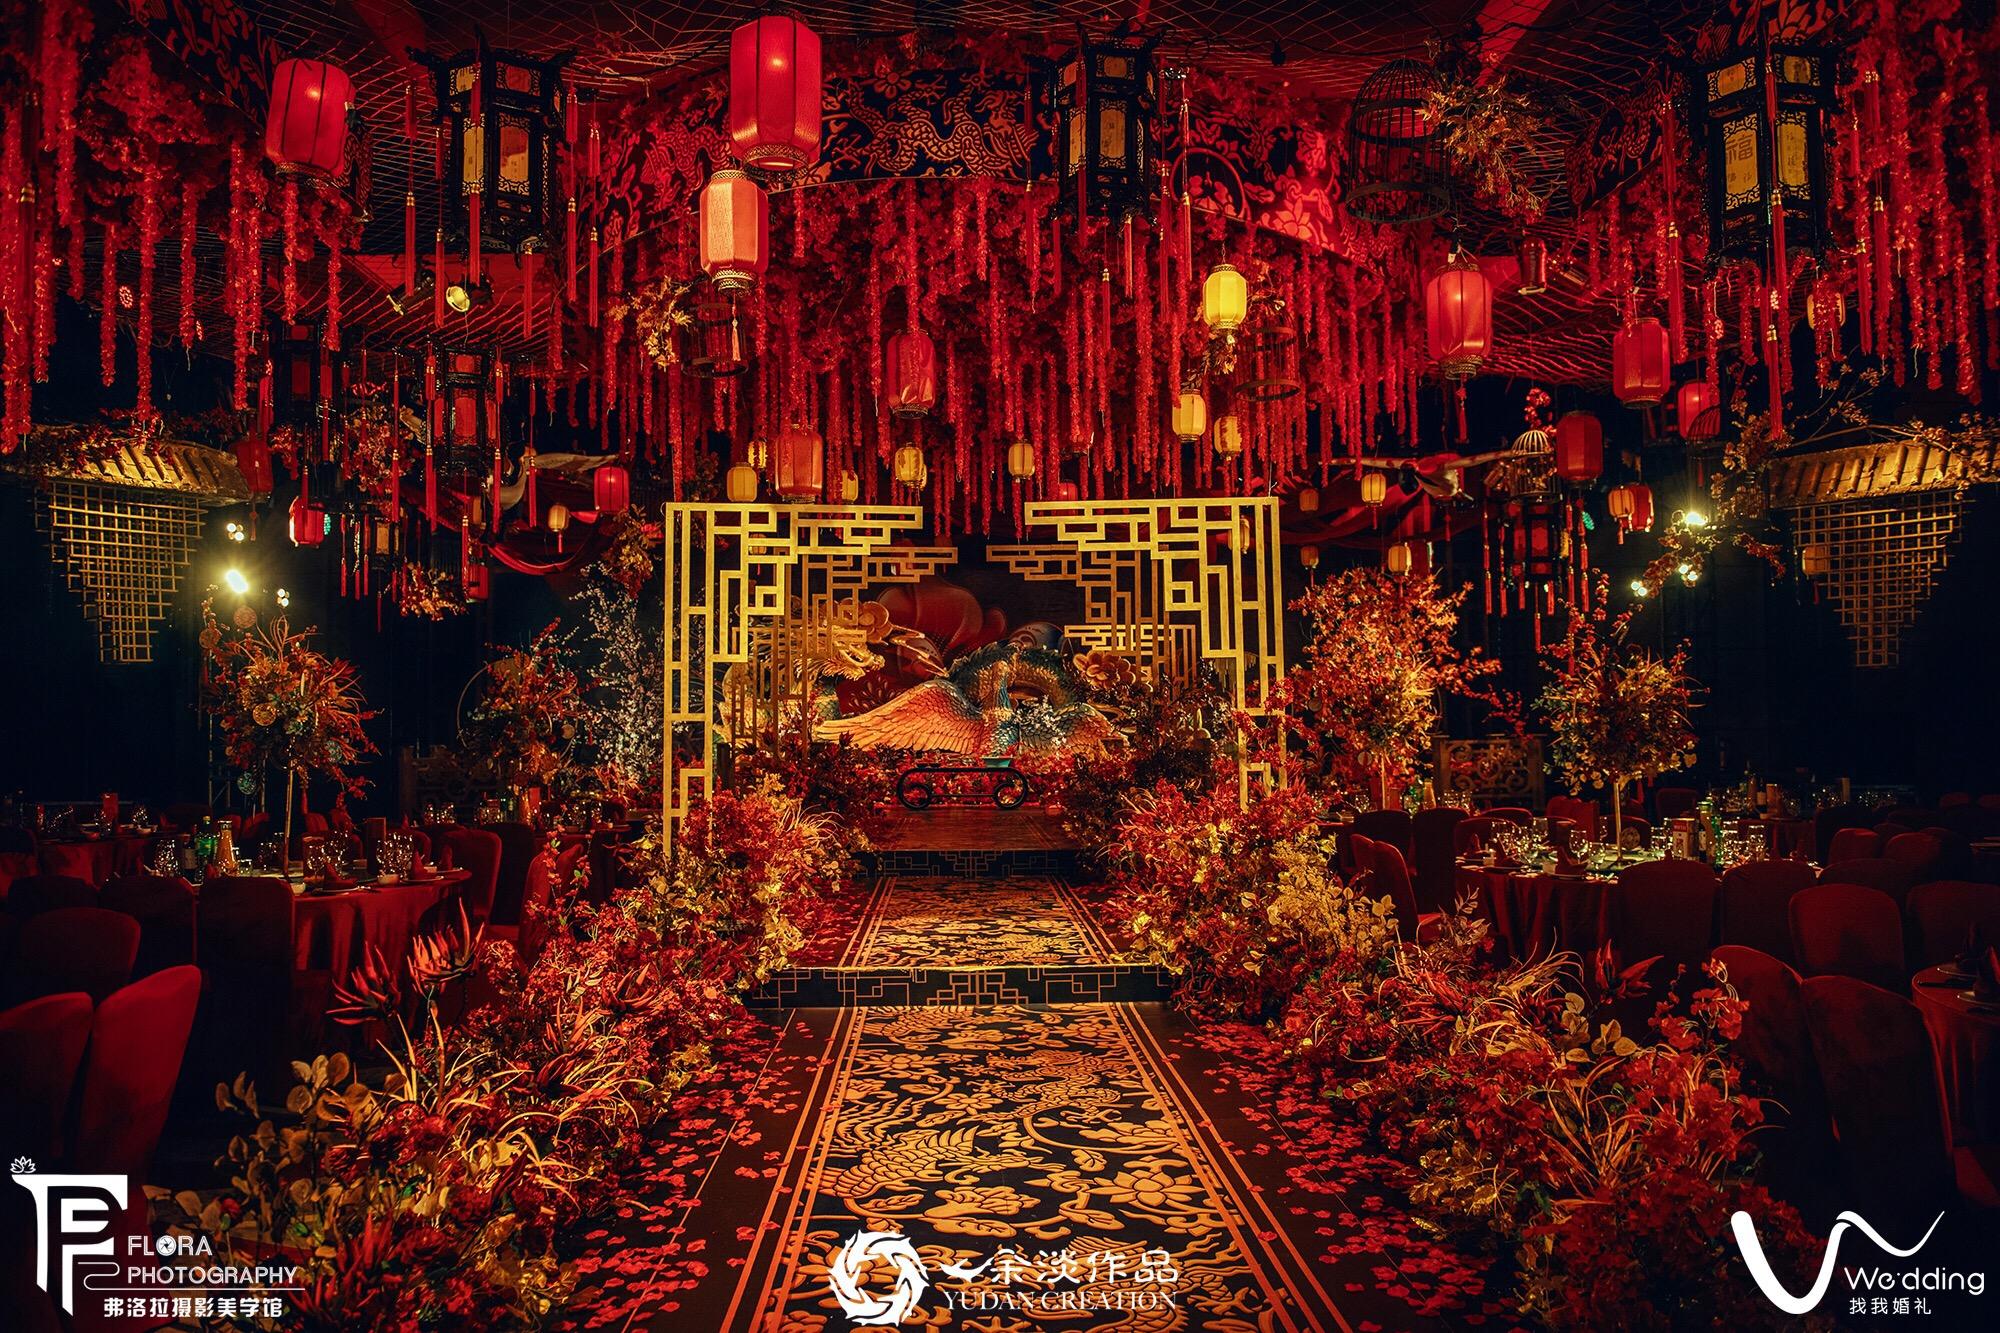 龙吟曲·凤仪婚礼图片